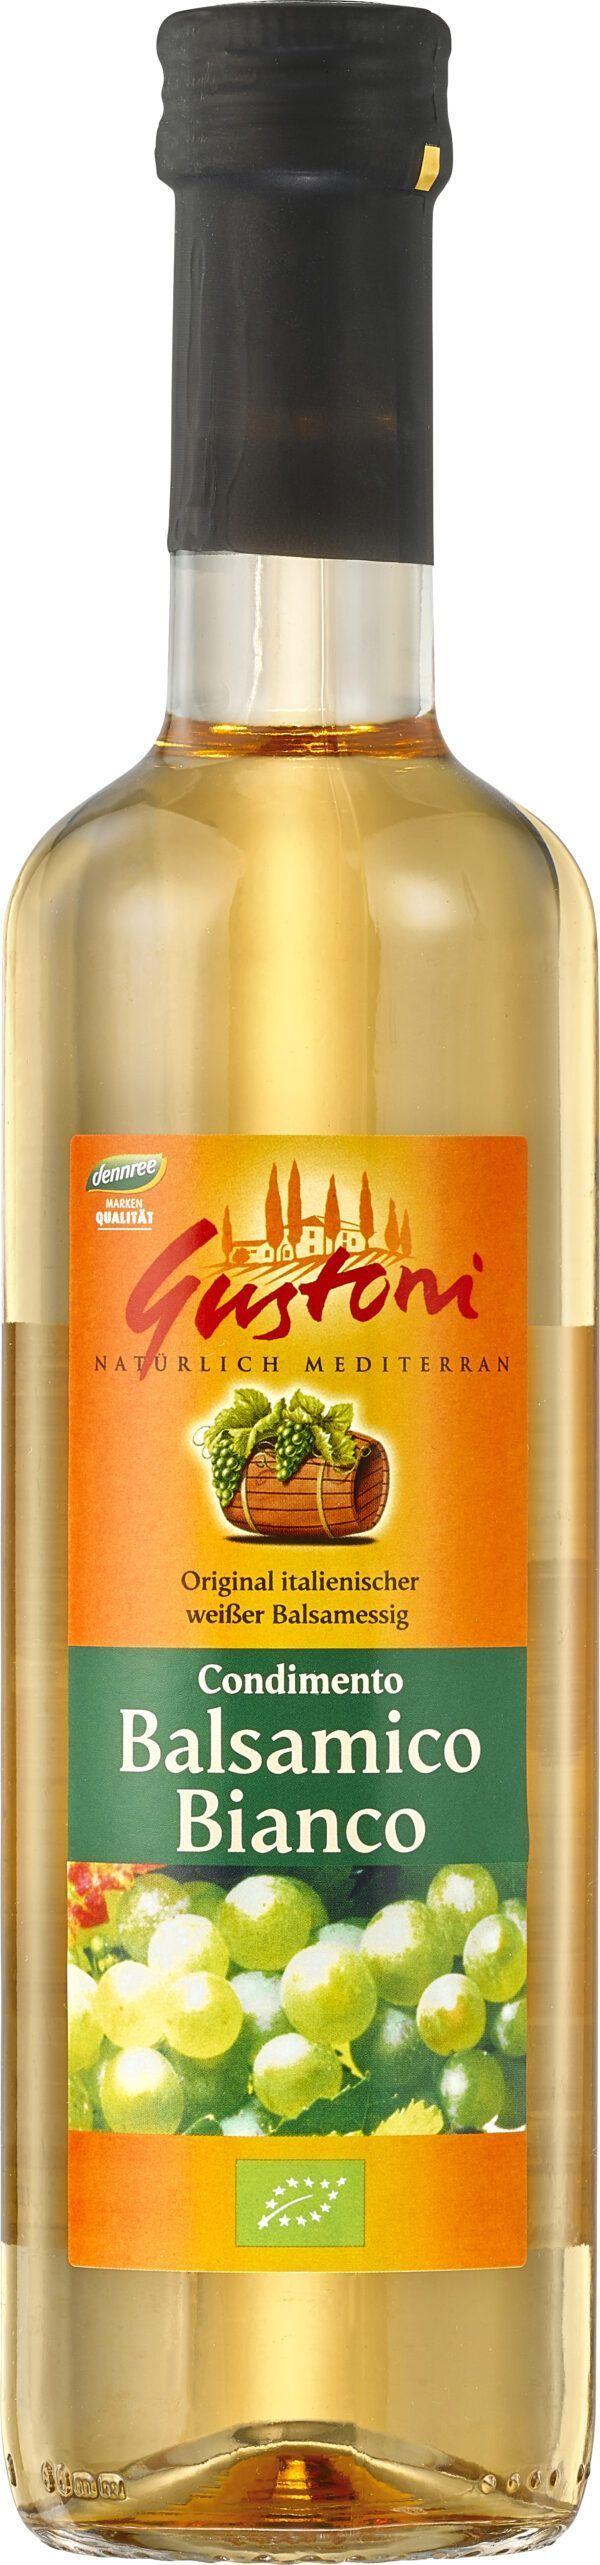 Gustoni Condimento Balsamico Bianco, original italienischer weißer Balsamessig, 5,4% Säure 6x500ml